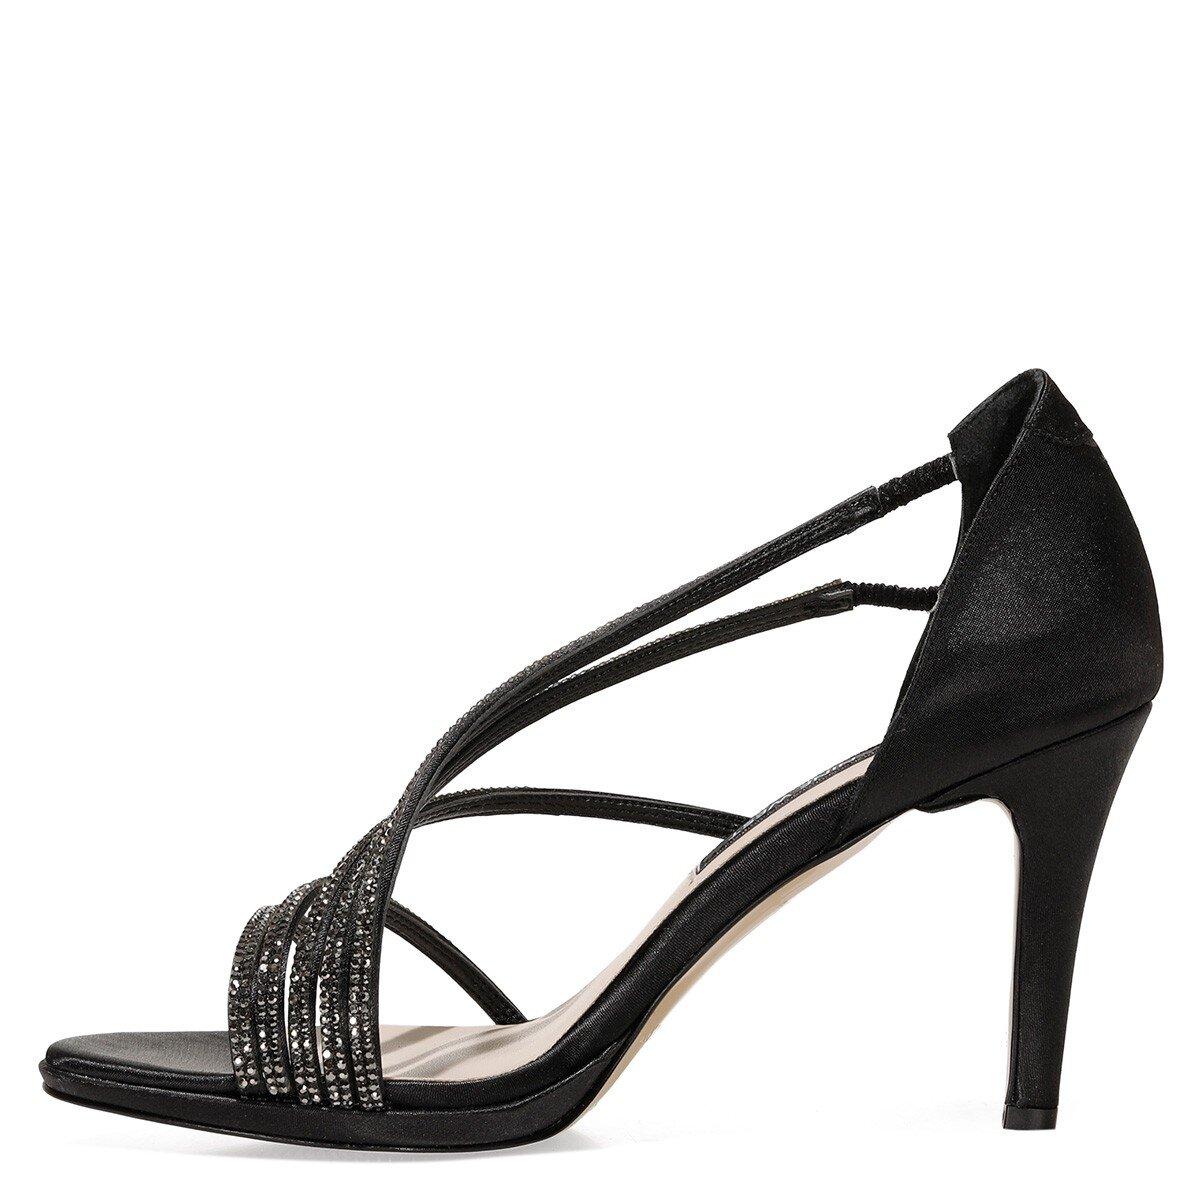 CERNNA 1FX Siyah Kadın Topuklu Ayakkabı